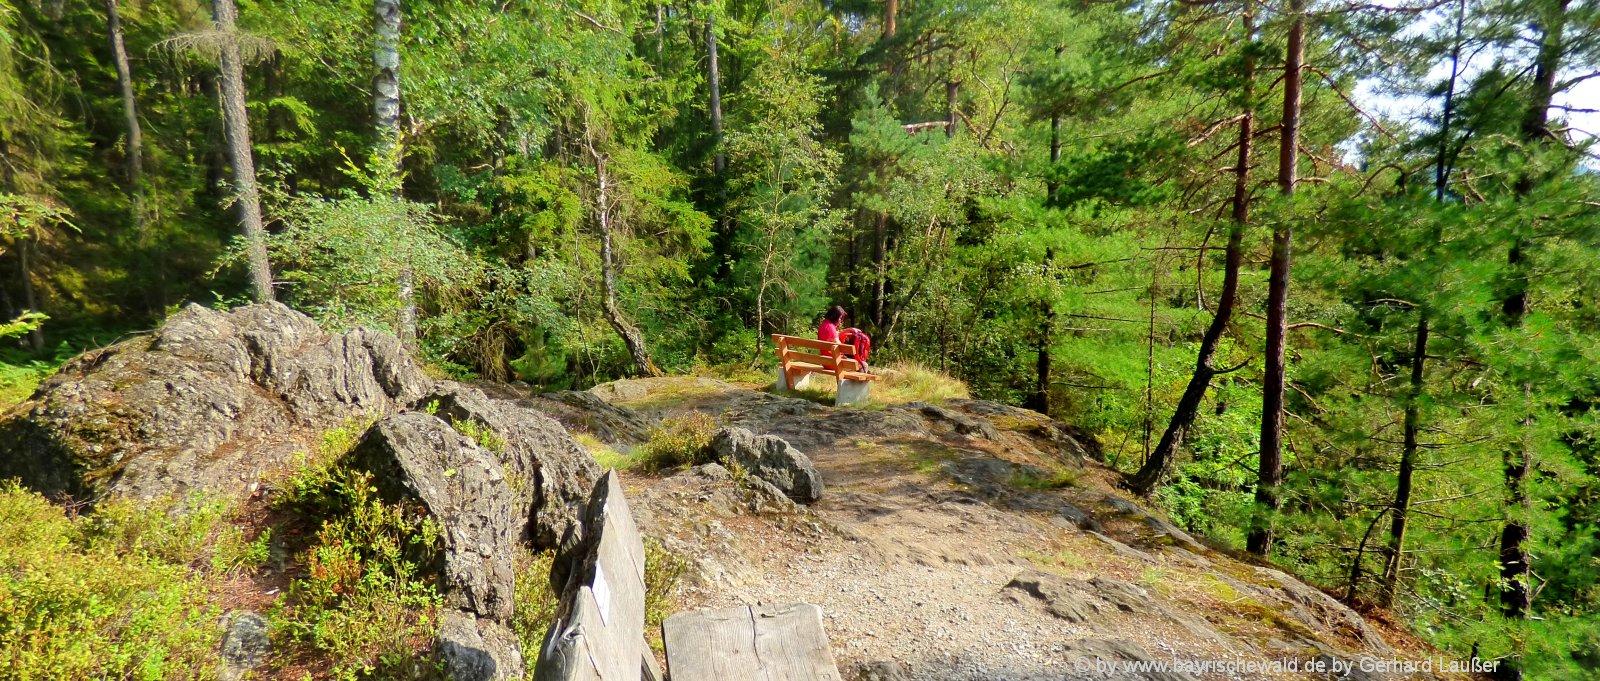 bayerischer-wald-ausflugsziele-rundwanderwege-rastplatz-freizeitangebote-panorama